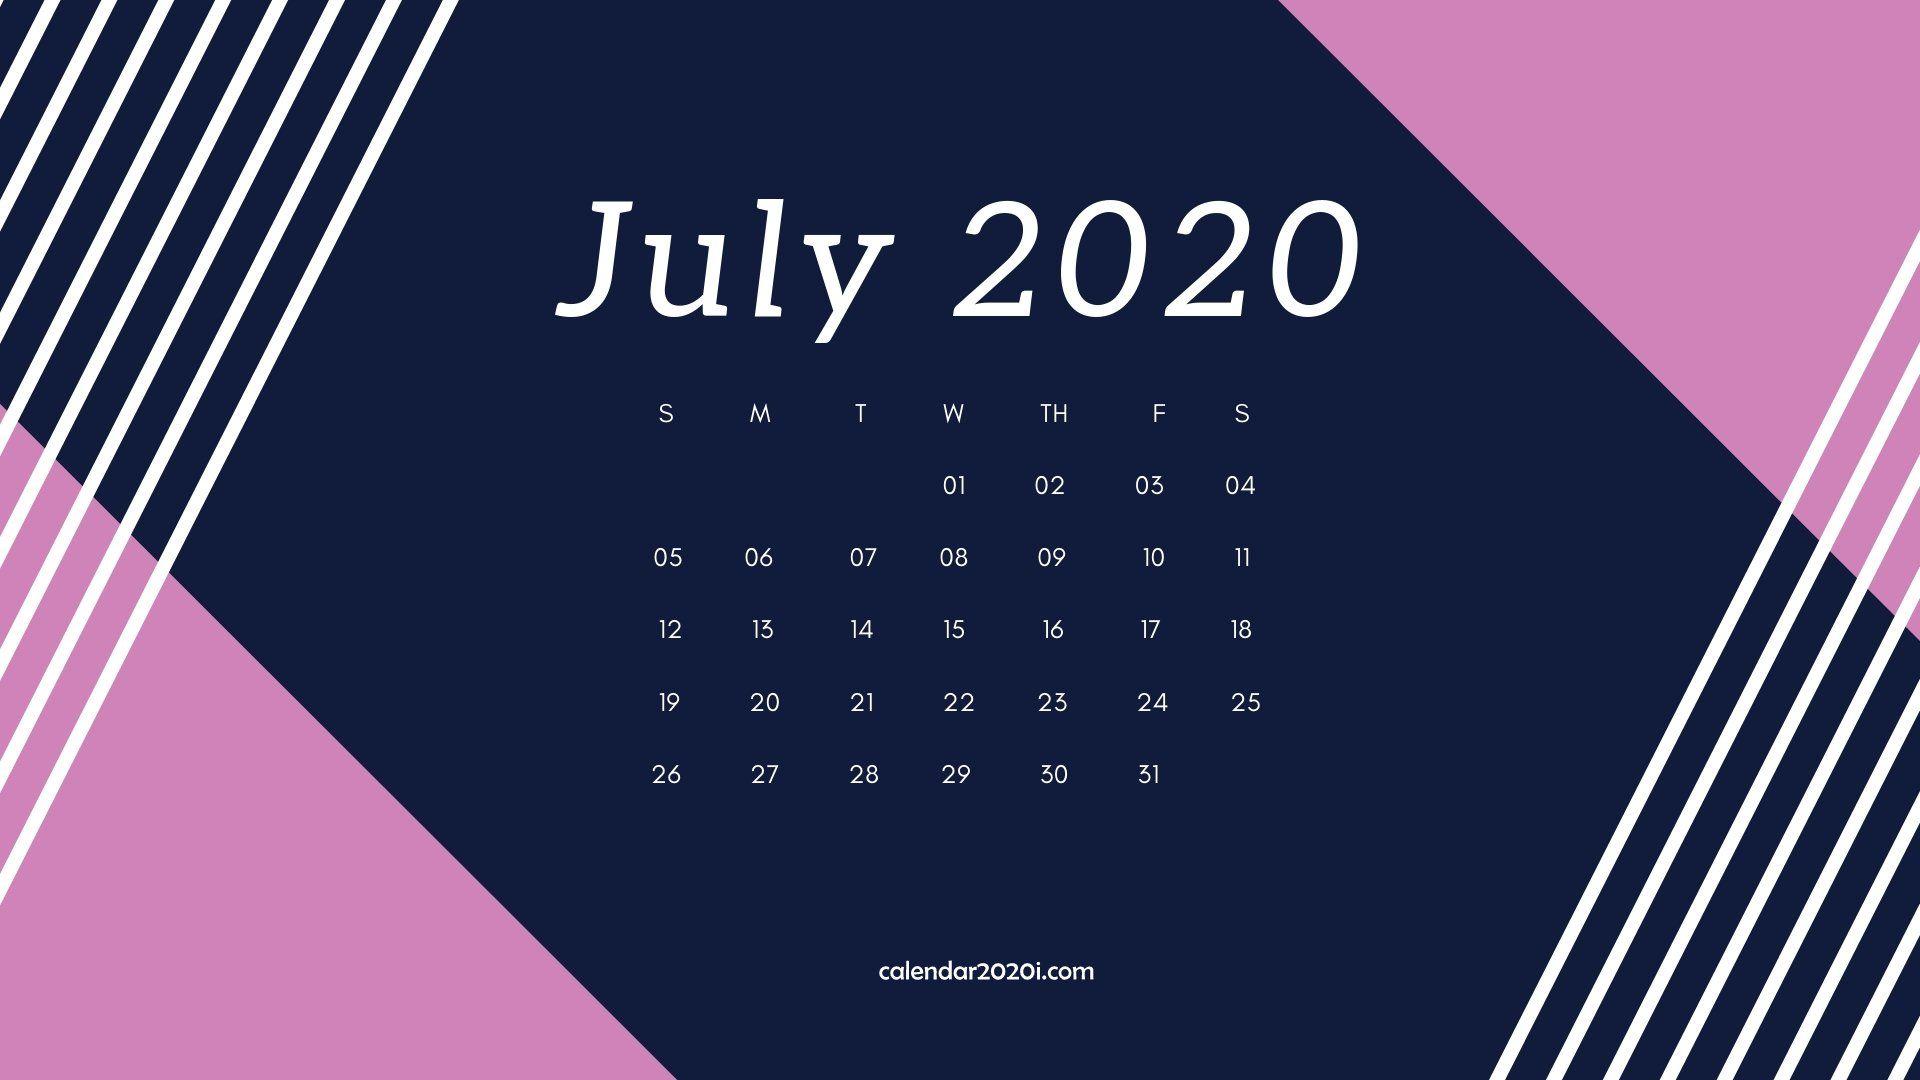 July 2020 Desktop Calendar Wallpaper 1920x1080